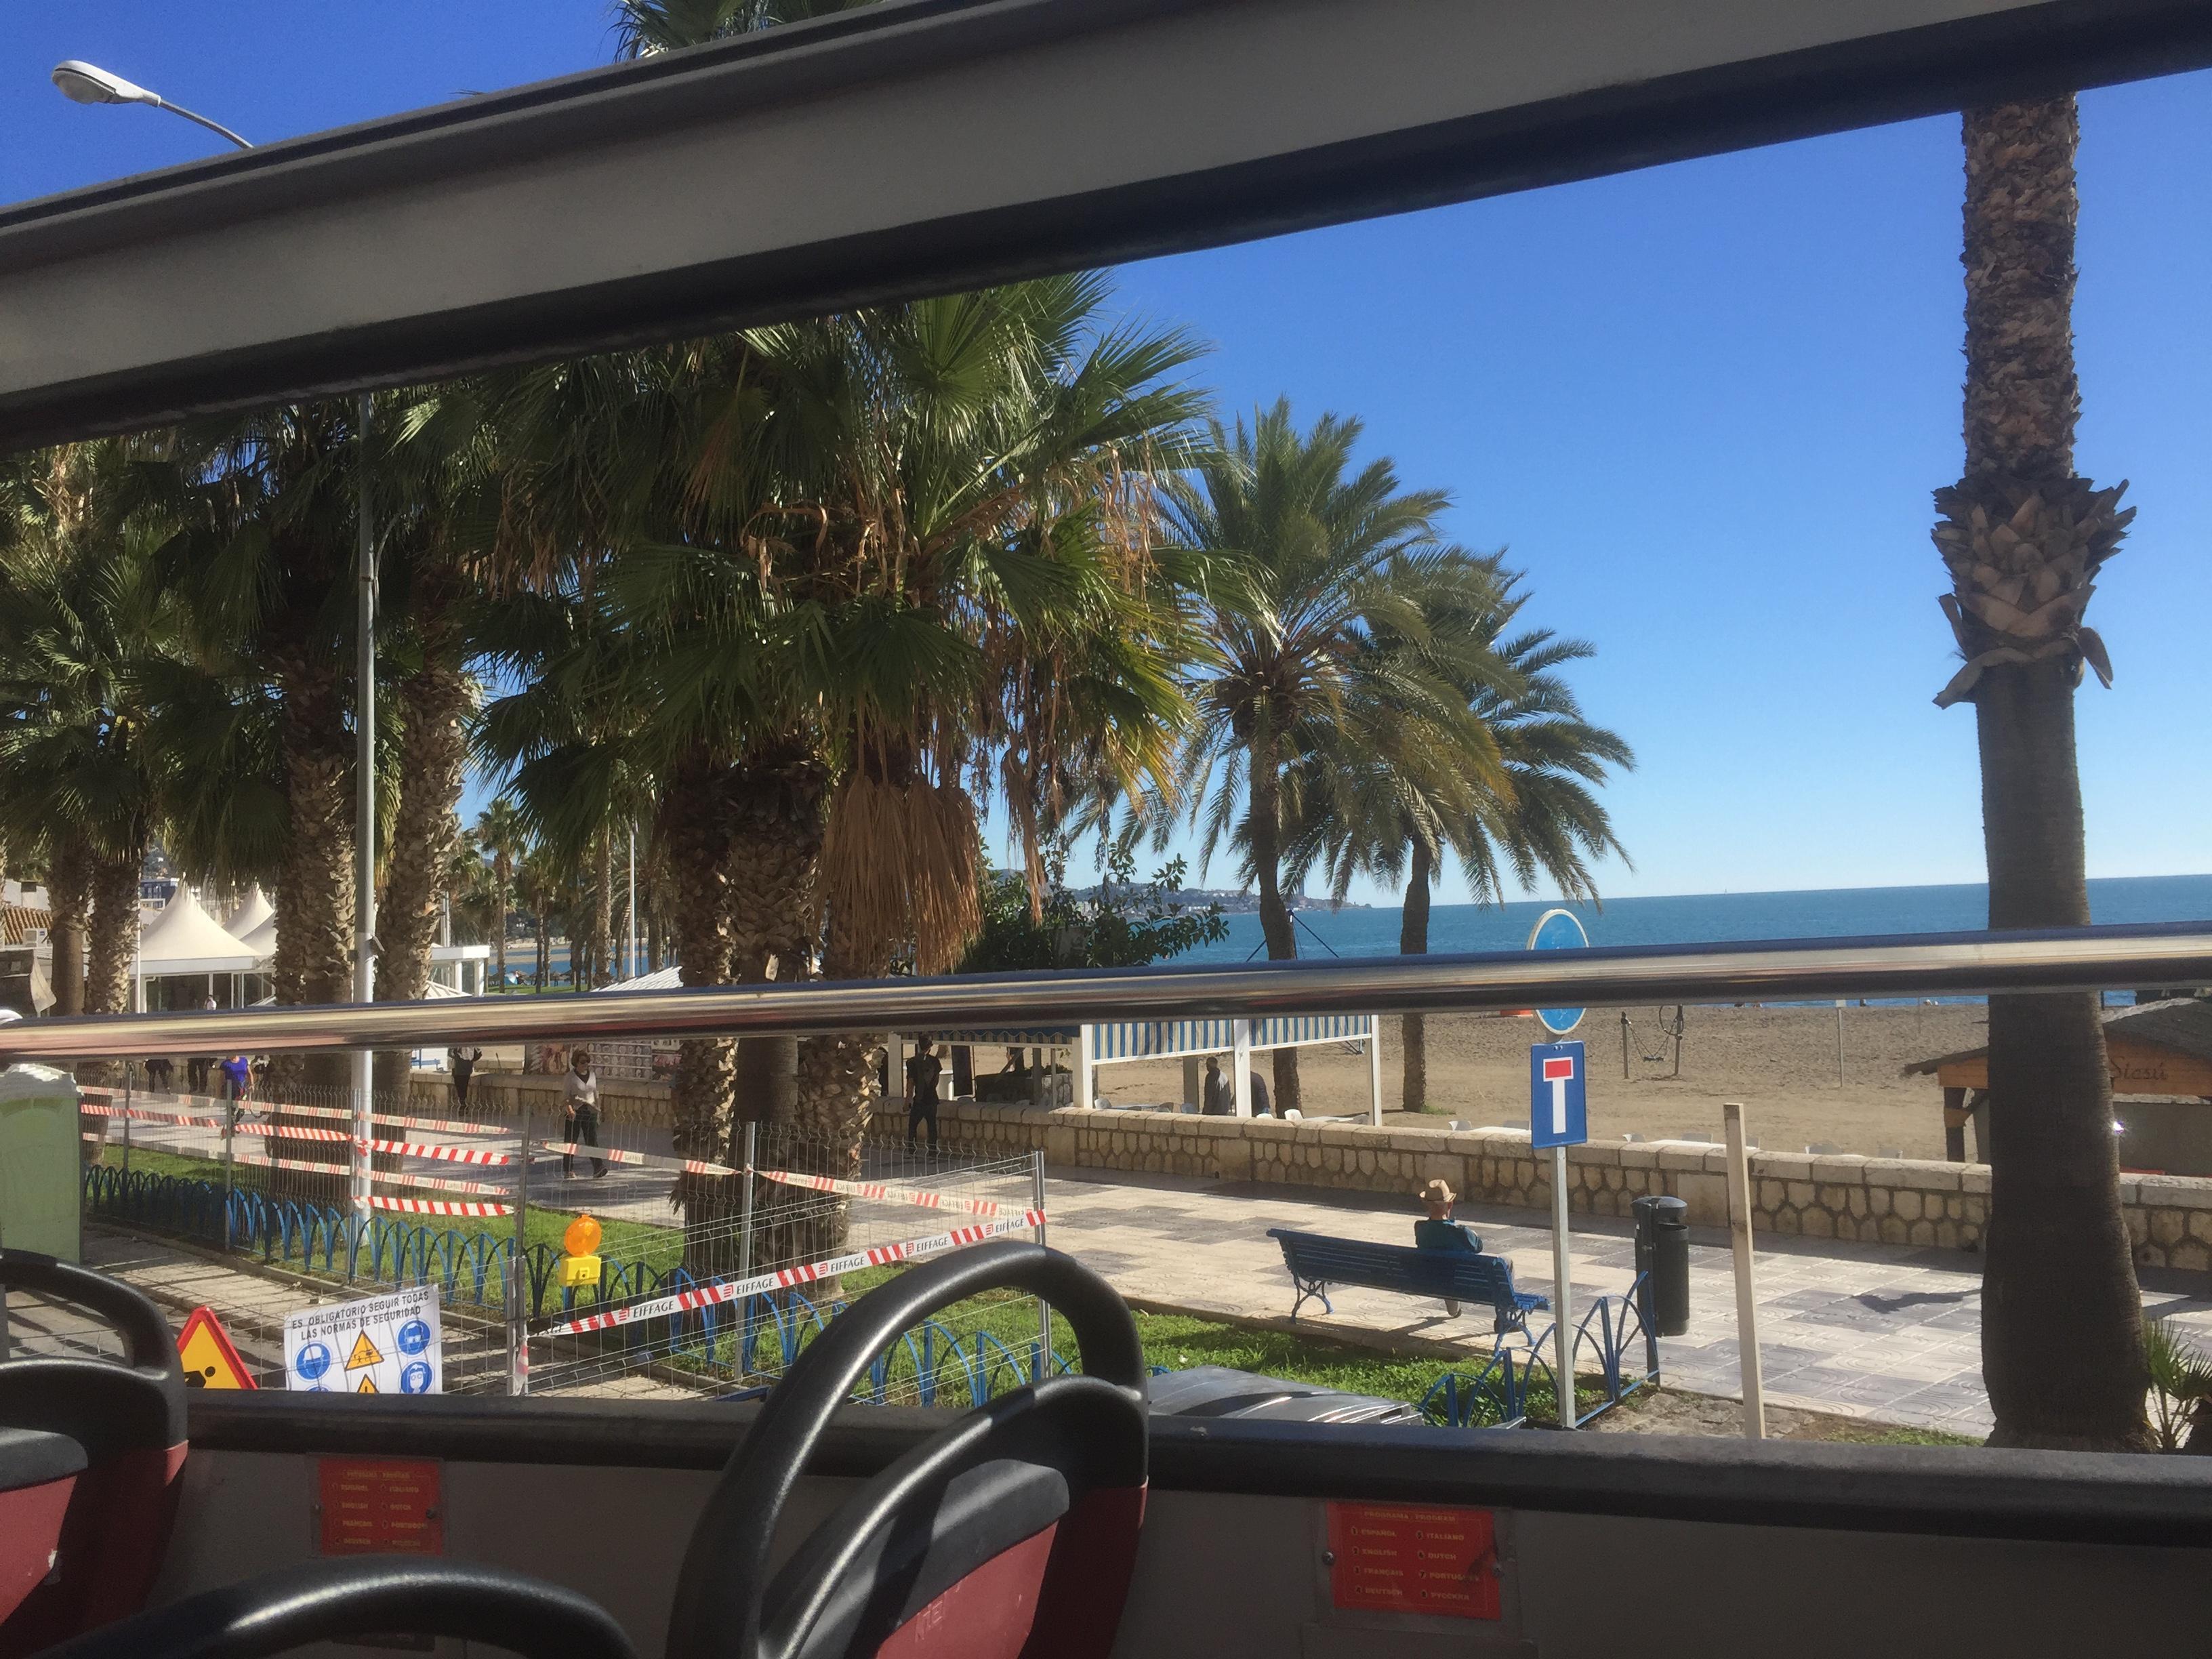 Malaga, vue sur la plage depuis le bus à impériale